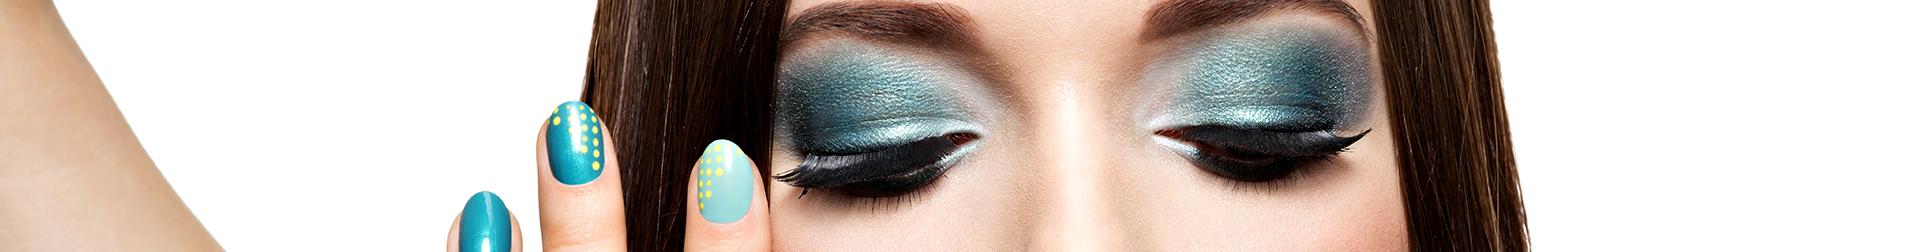 Makeup Products | False Eyelashes - False Eyelashes Online | AromaCraze